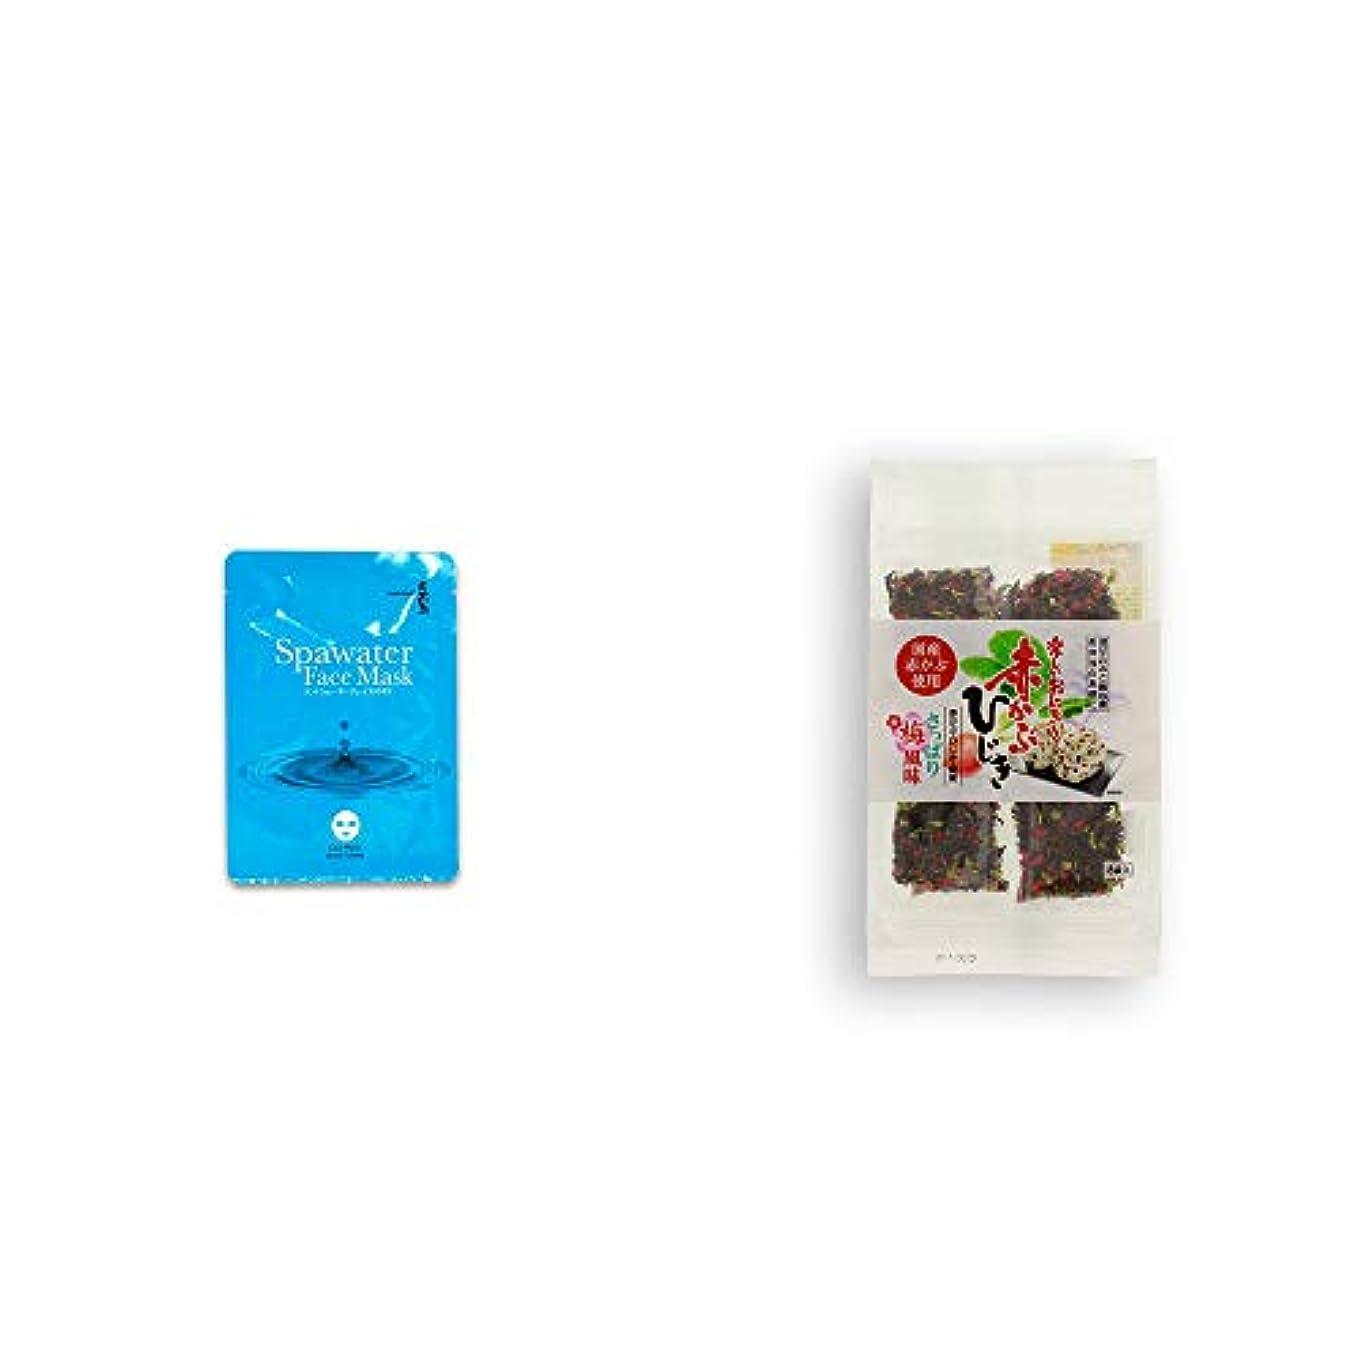 害アスレチック嫌な[2点セット] ひのき炭黒泉 スパウォーターフェイスマスク(18ml×3枚入)?楽しいおにぎり 赤かぶひじき(8g×8袋)